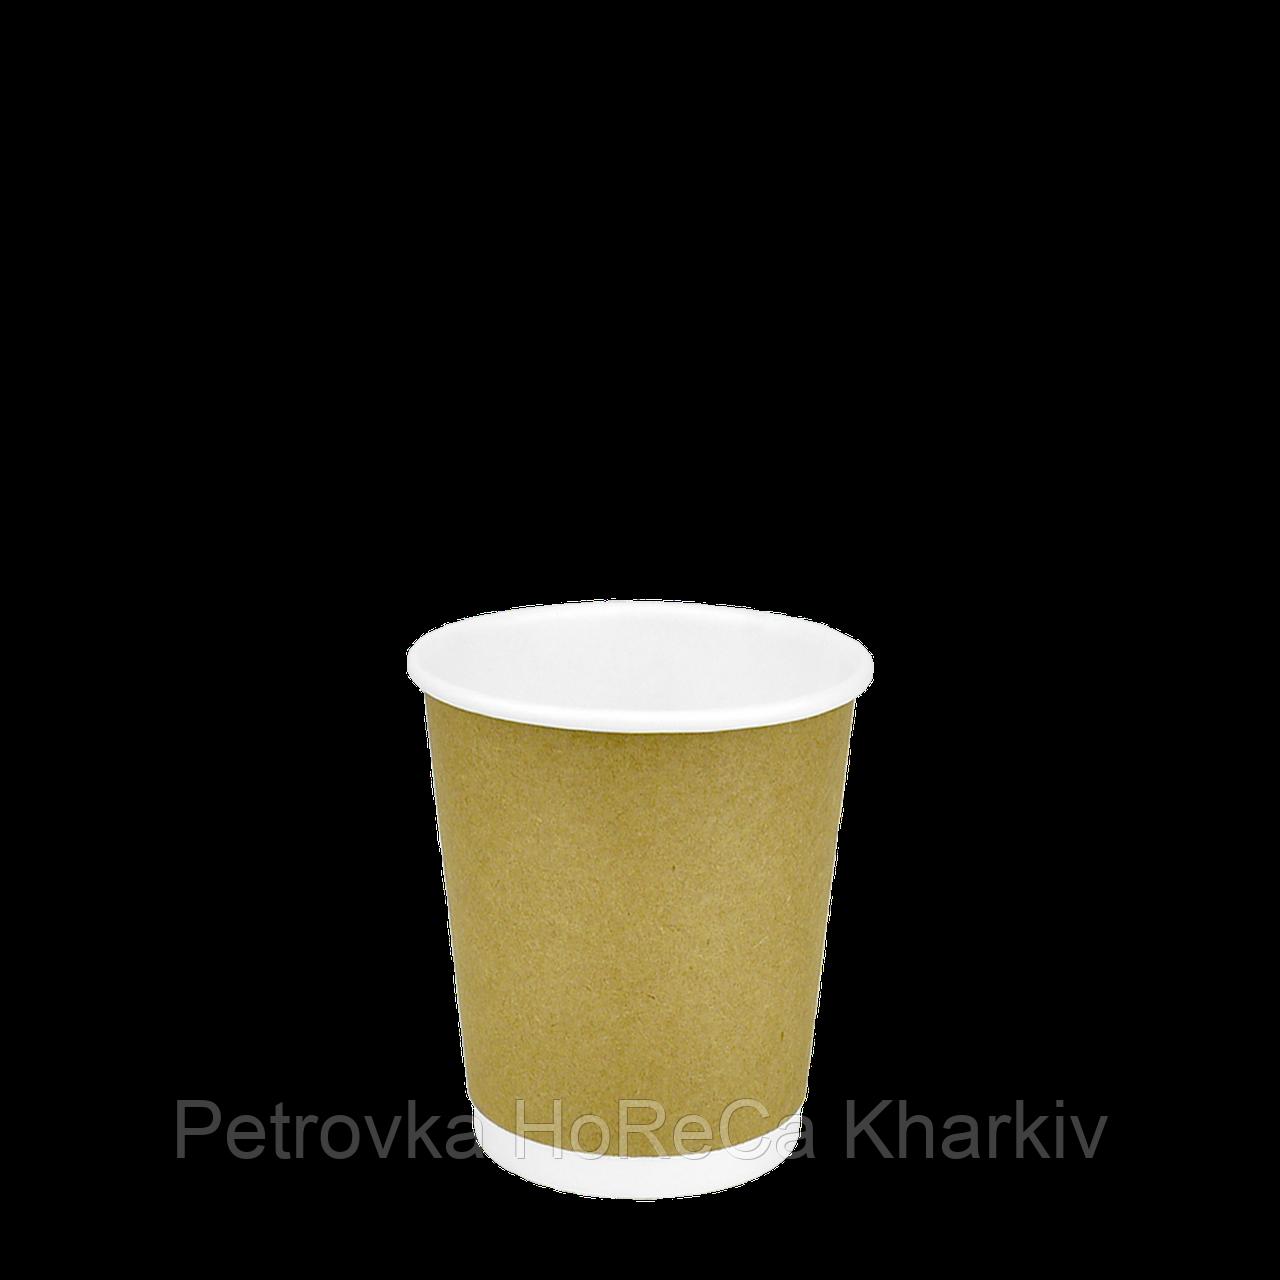 Бумажный стакан двухслойный Крафт 180мл. 70шт/уп (1ящ/23уп/1610шт) под крышку КР72